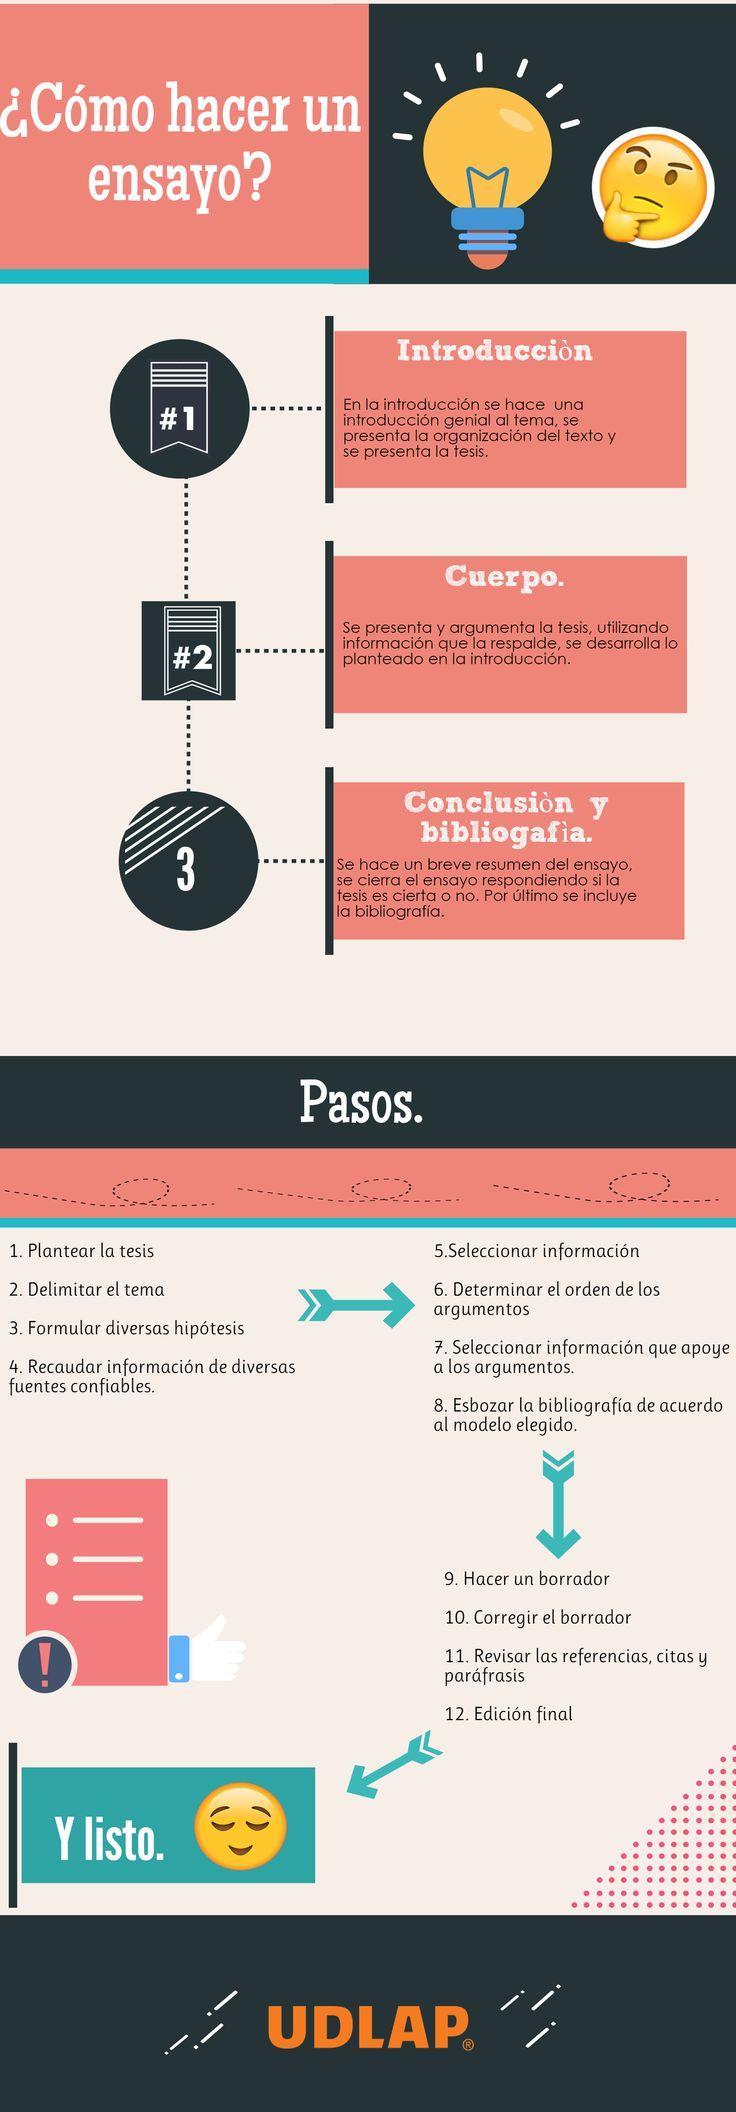 ¿Cómo hacer un #ensayo? #UDLAP #Textos #Academia